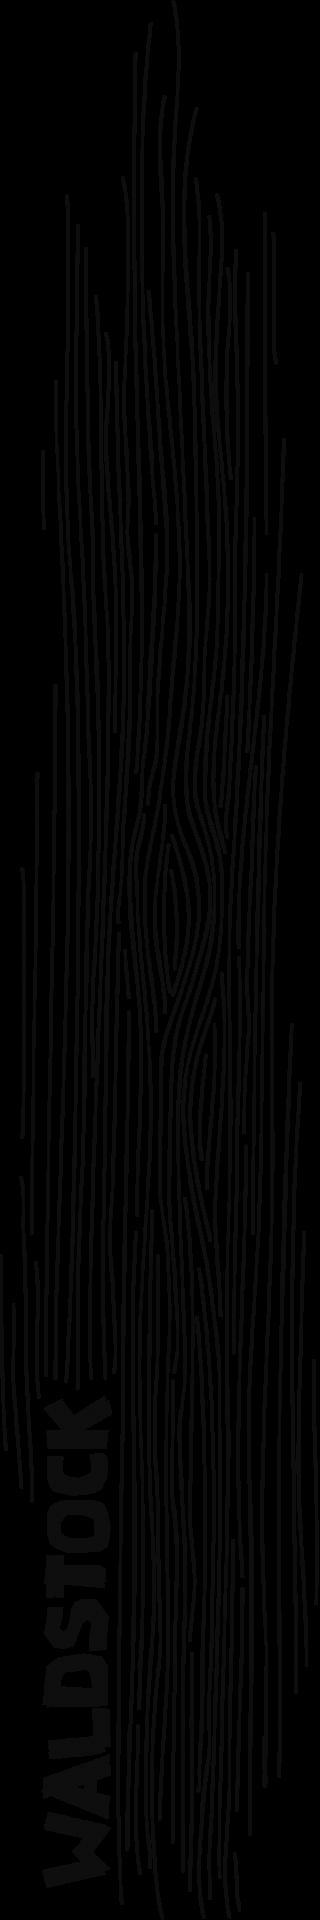 Abstraktes T-Shirt-Motiv: viele senkrechte Linien, ähnlich wie Baumrinde.